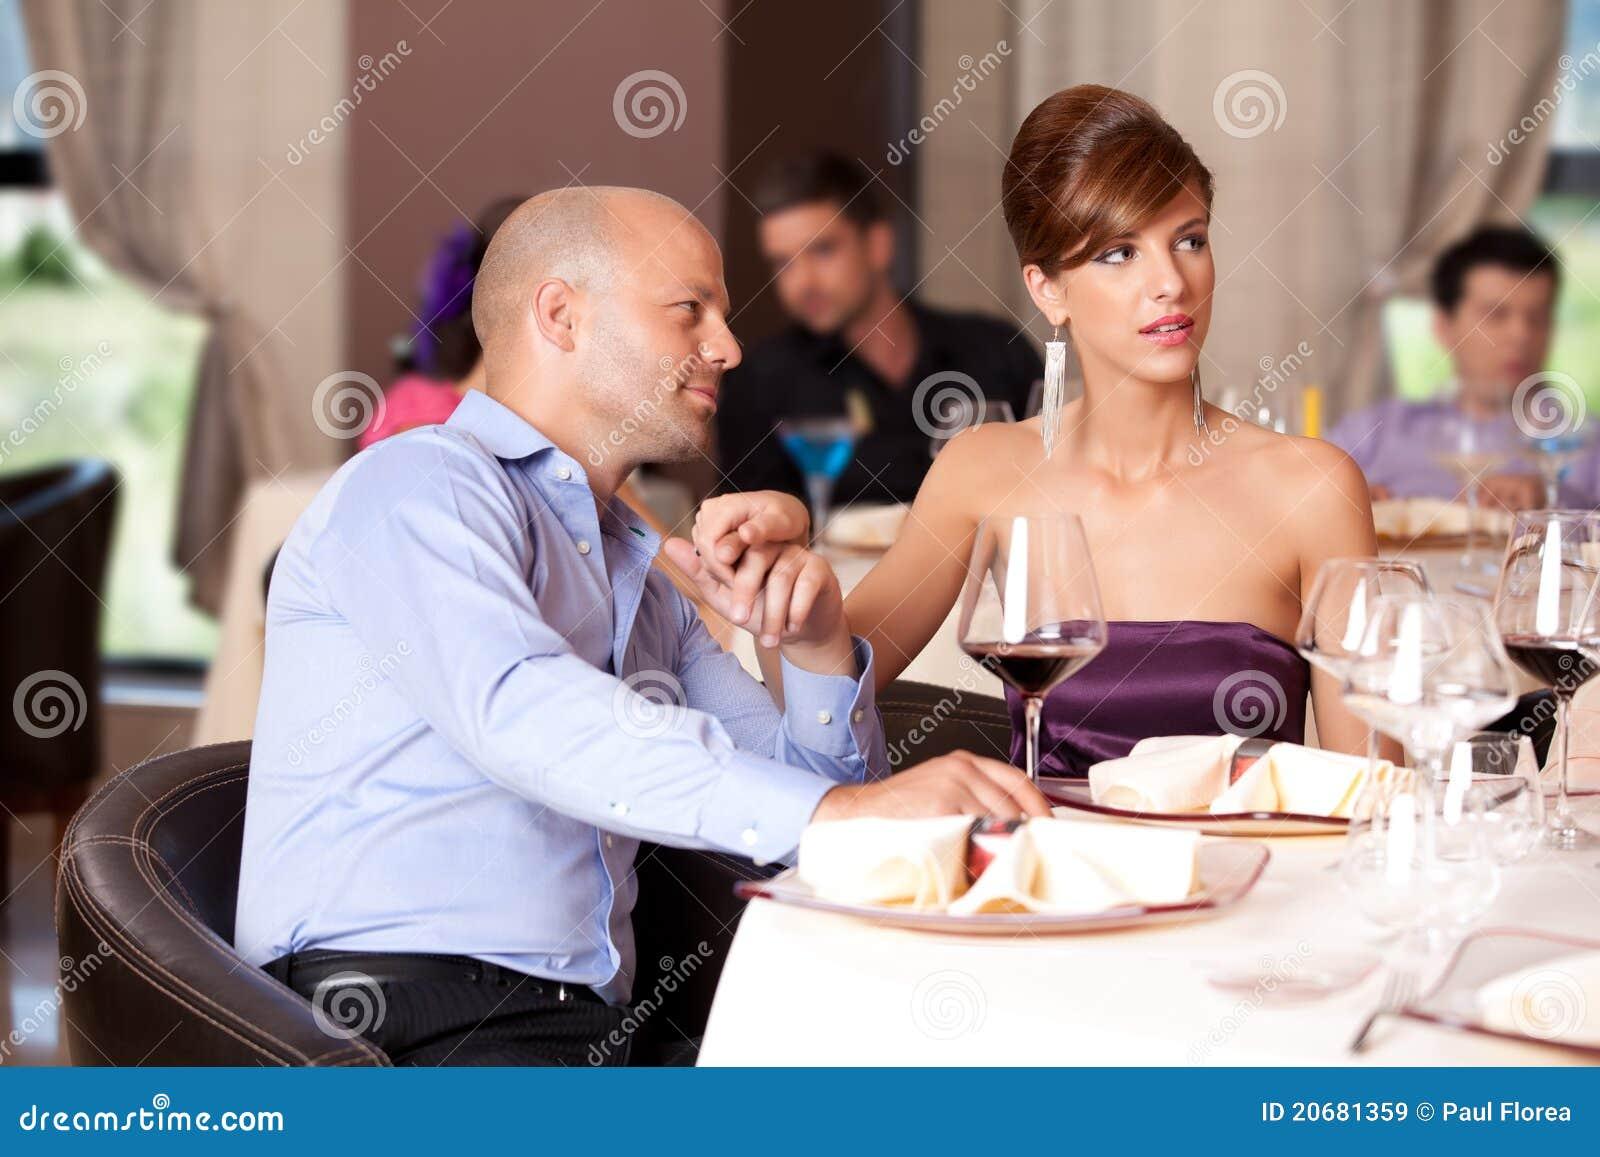 Супружеские пары флирт 13 фотография